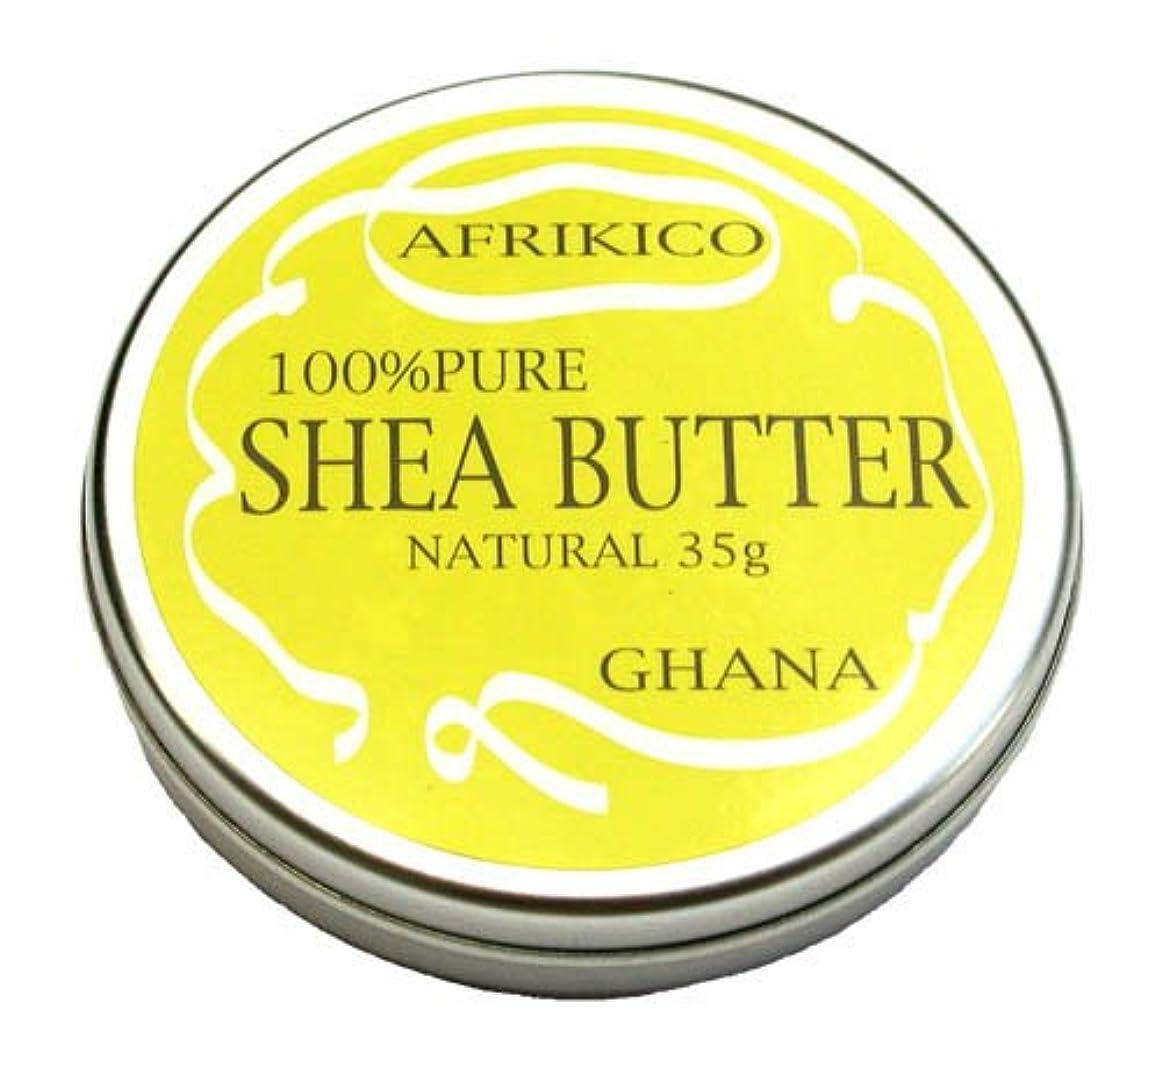 お風呂メダル原点アフリキコ(AFRIKICO)シアバター(未精製100%) (ナチュラル, 35g)